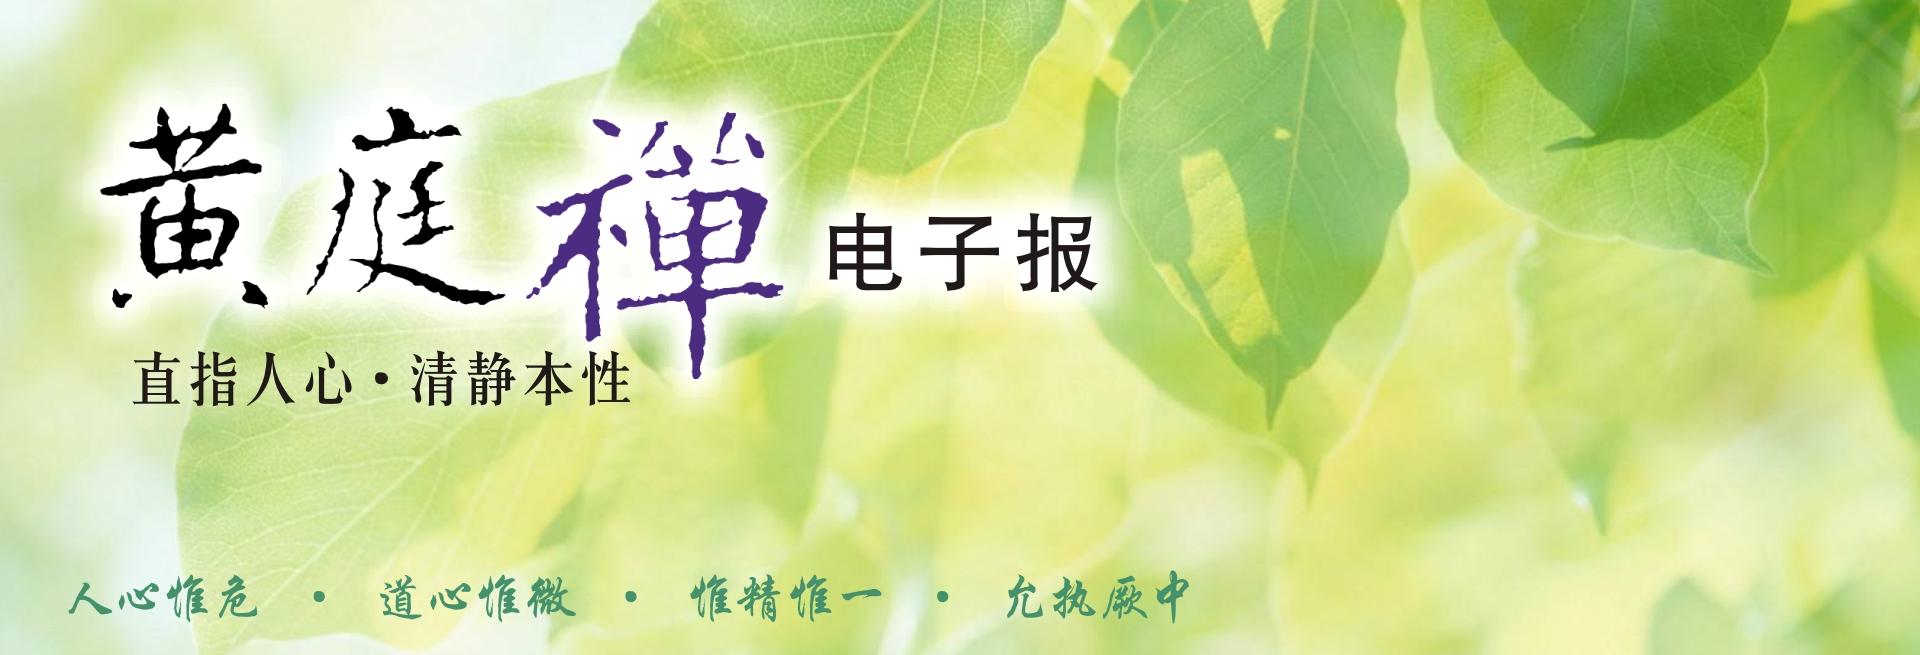 中華黃庭禪學會2019.04.21電子報